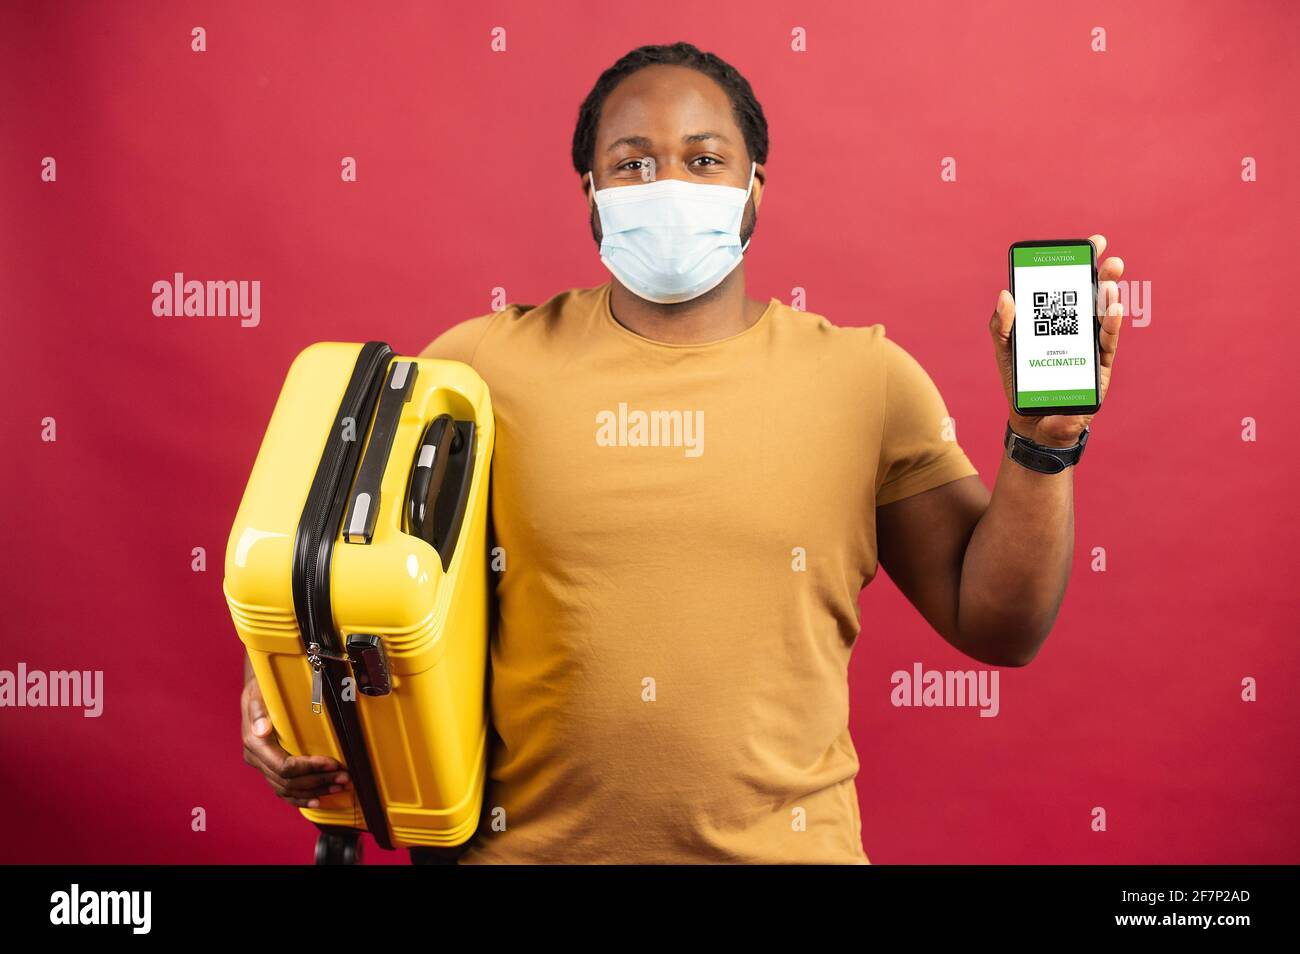 Feliz hombre africano en máscara médica de pie sobre el fondo rojo sosteniendo un bolso amarillo para viajar y celular con código QR en la pantalla, concepto de visualización de boletos sin contacto, paso seguro de aduanas Foto de stock